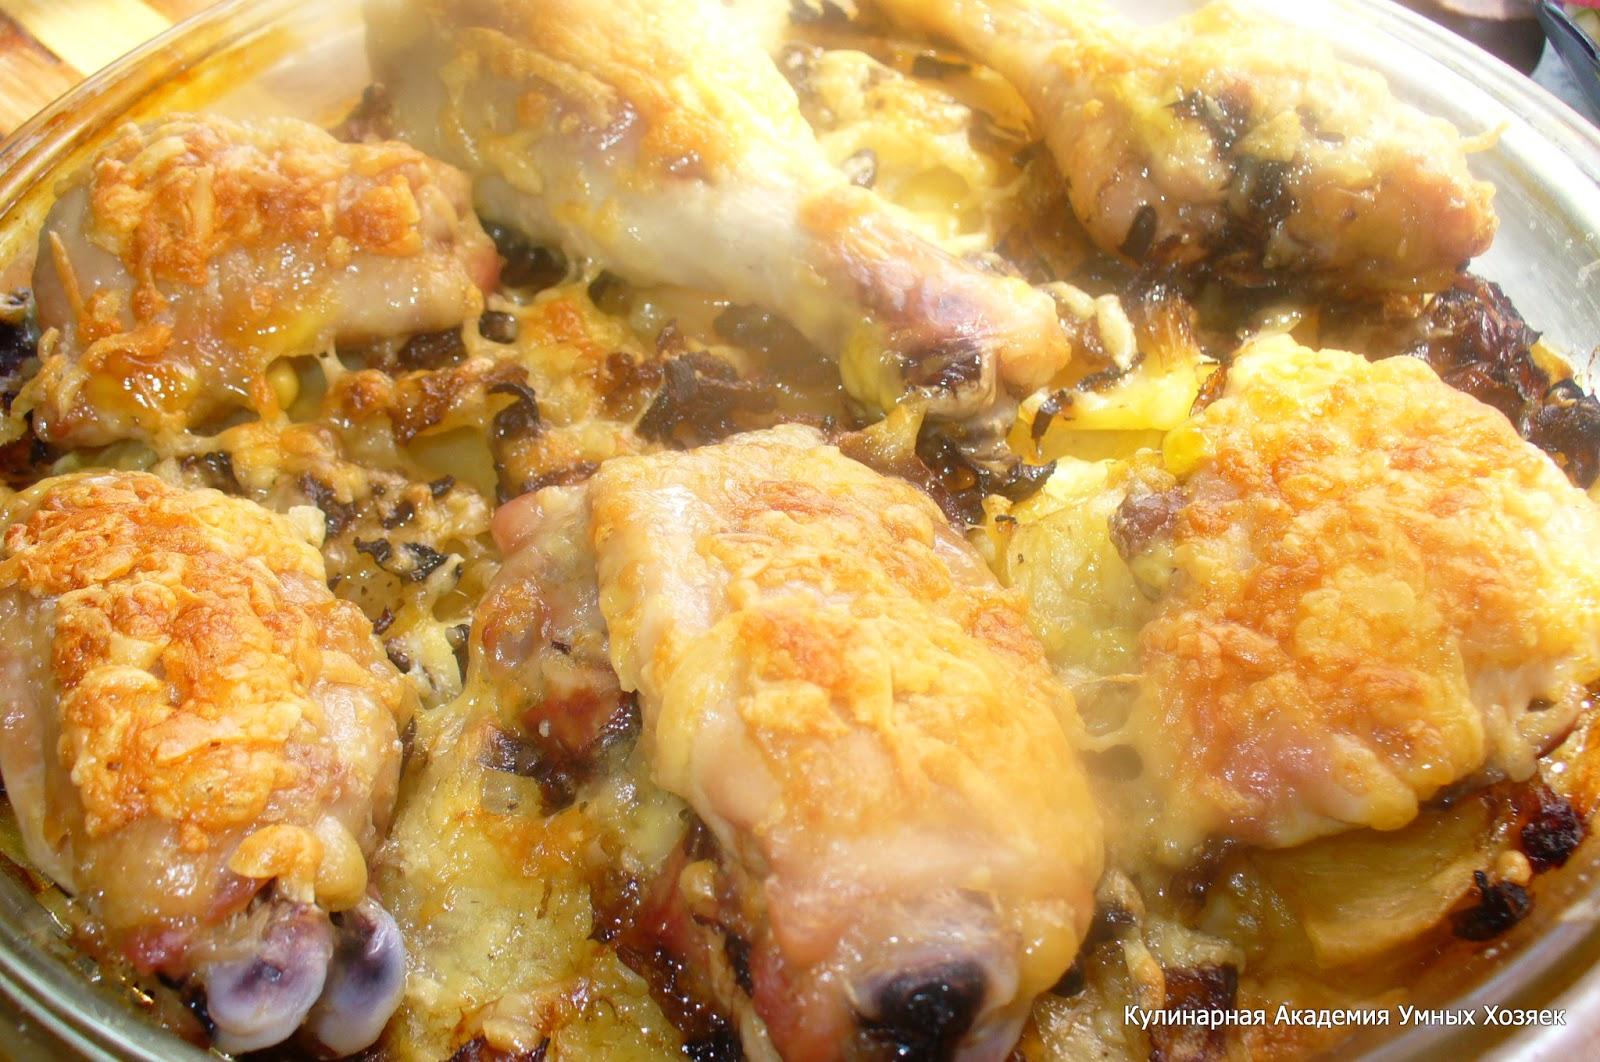 Окорочка с картошкой и грибами в духовке рецепты пошагово